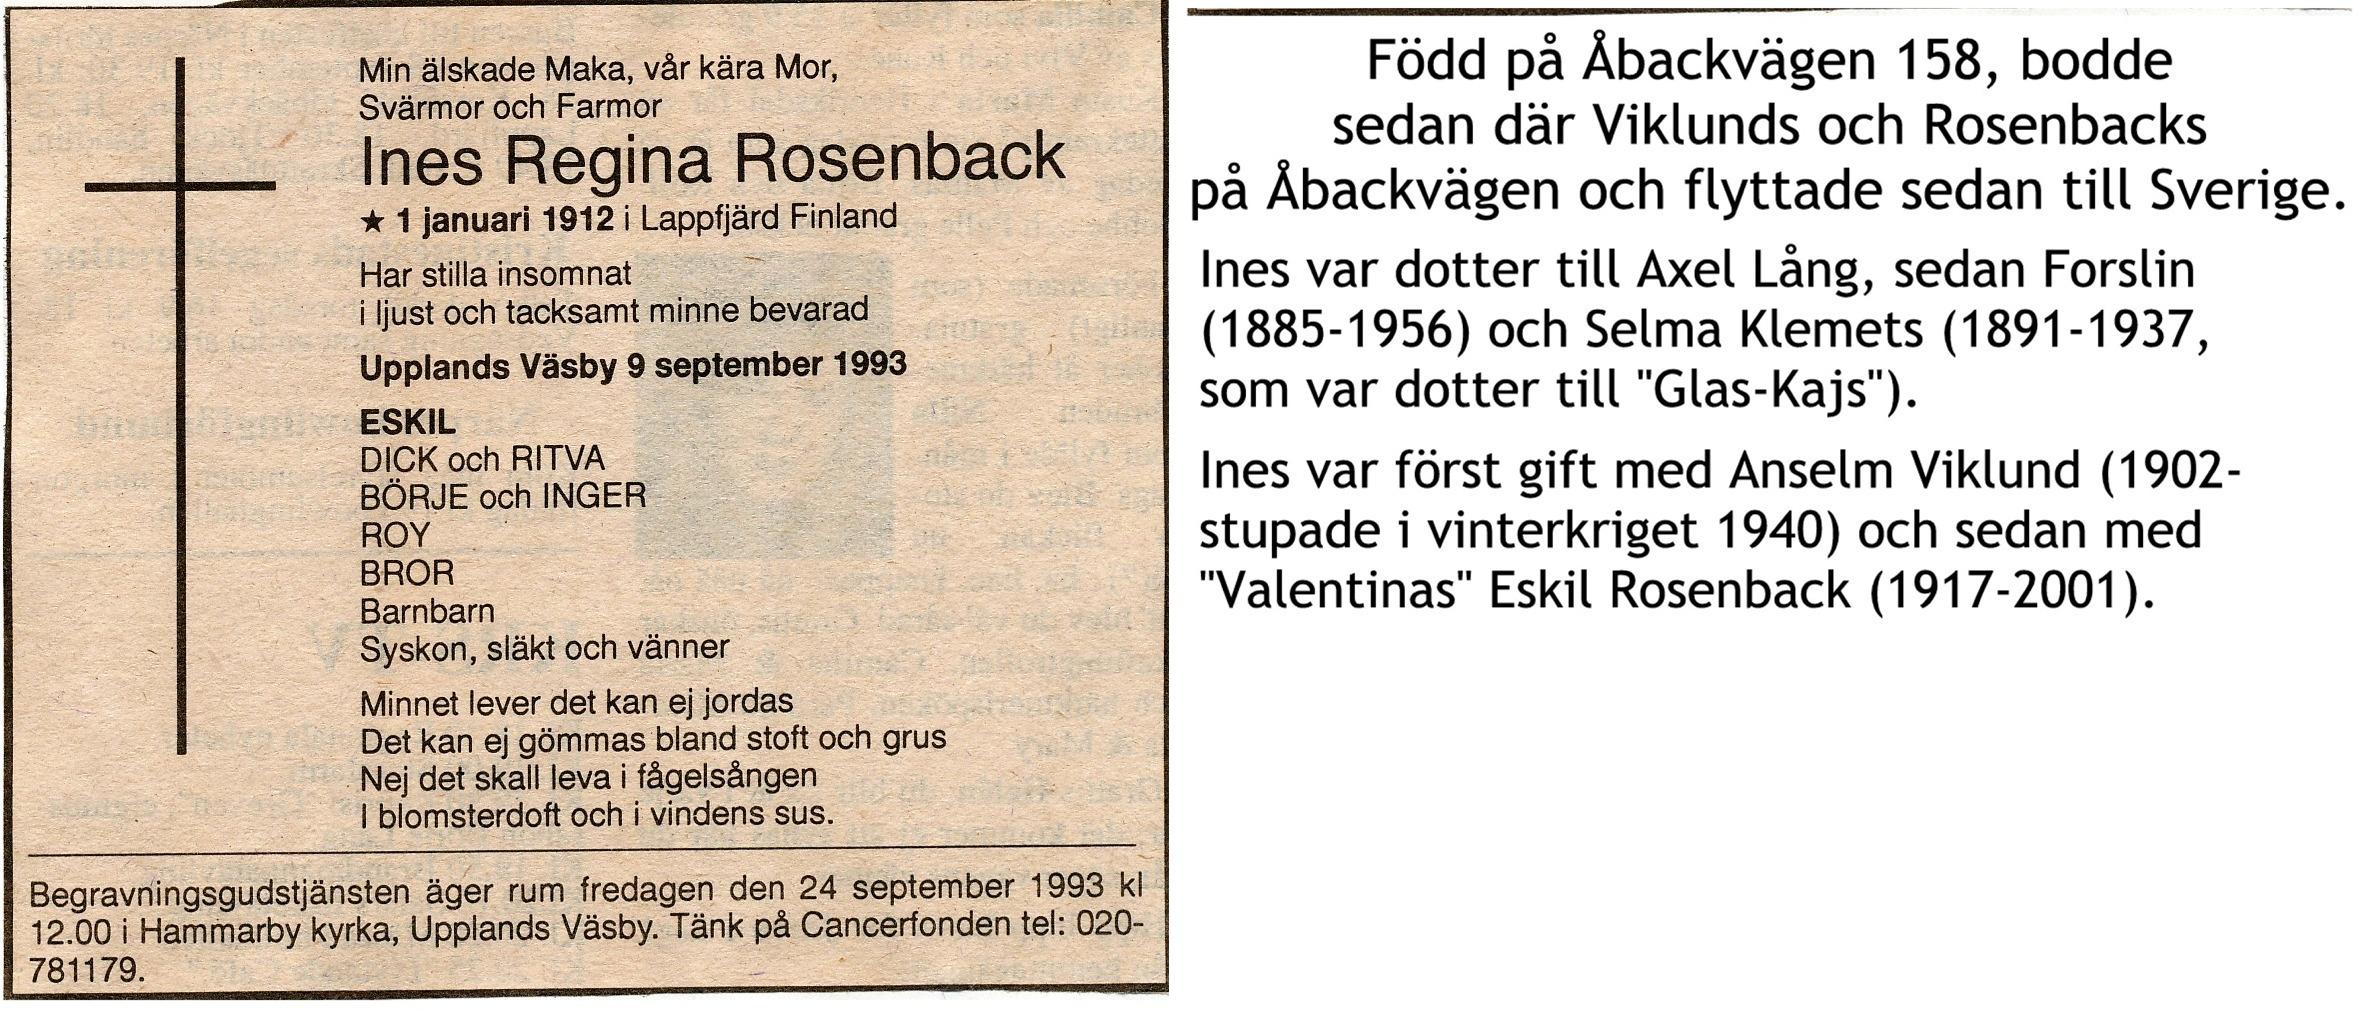 Rosenback Ines, f. Forslin, Viklund